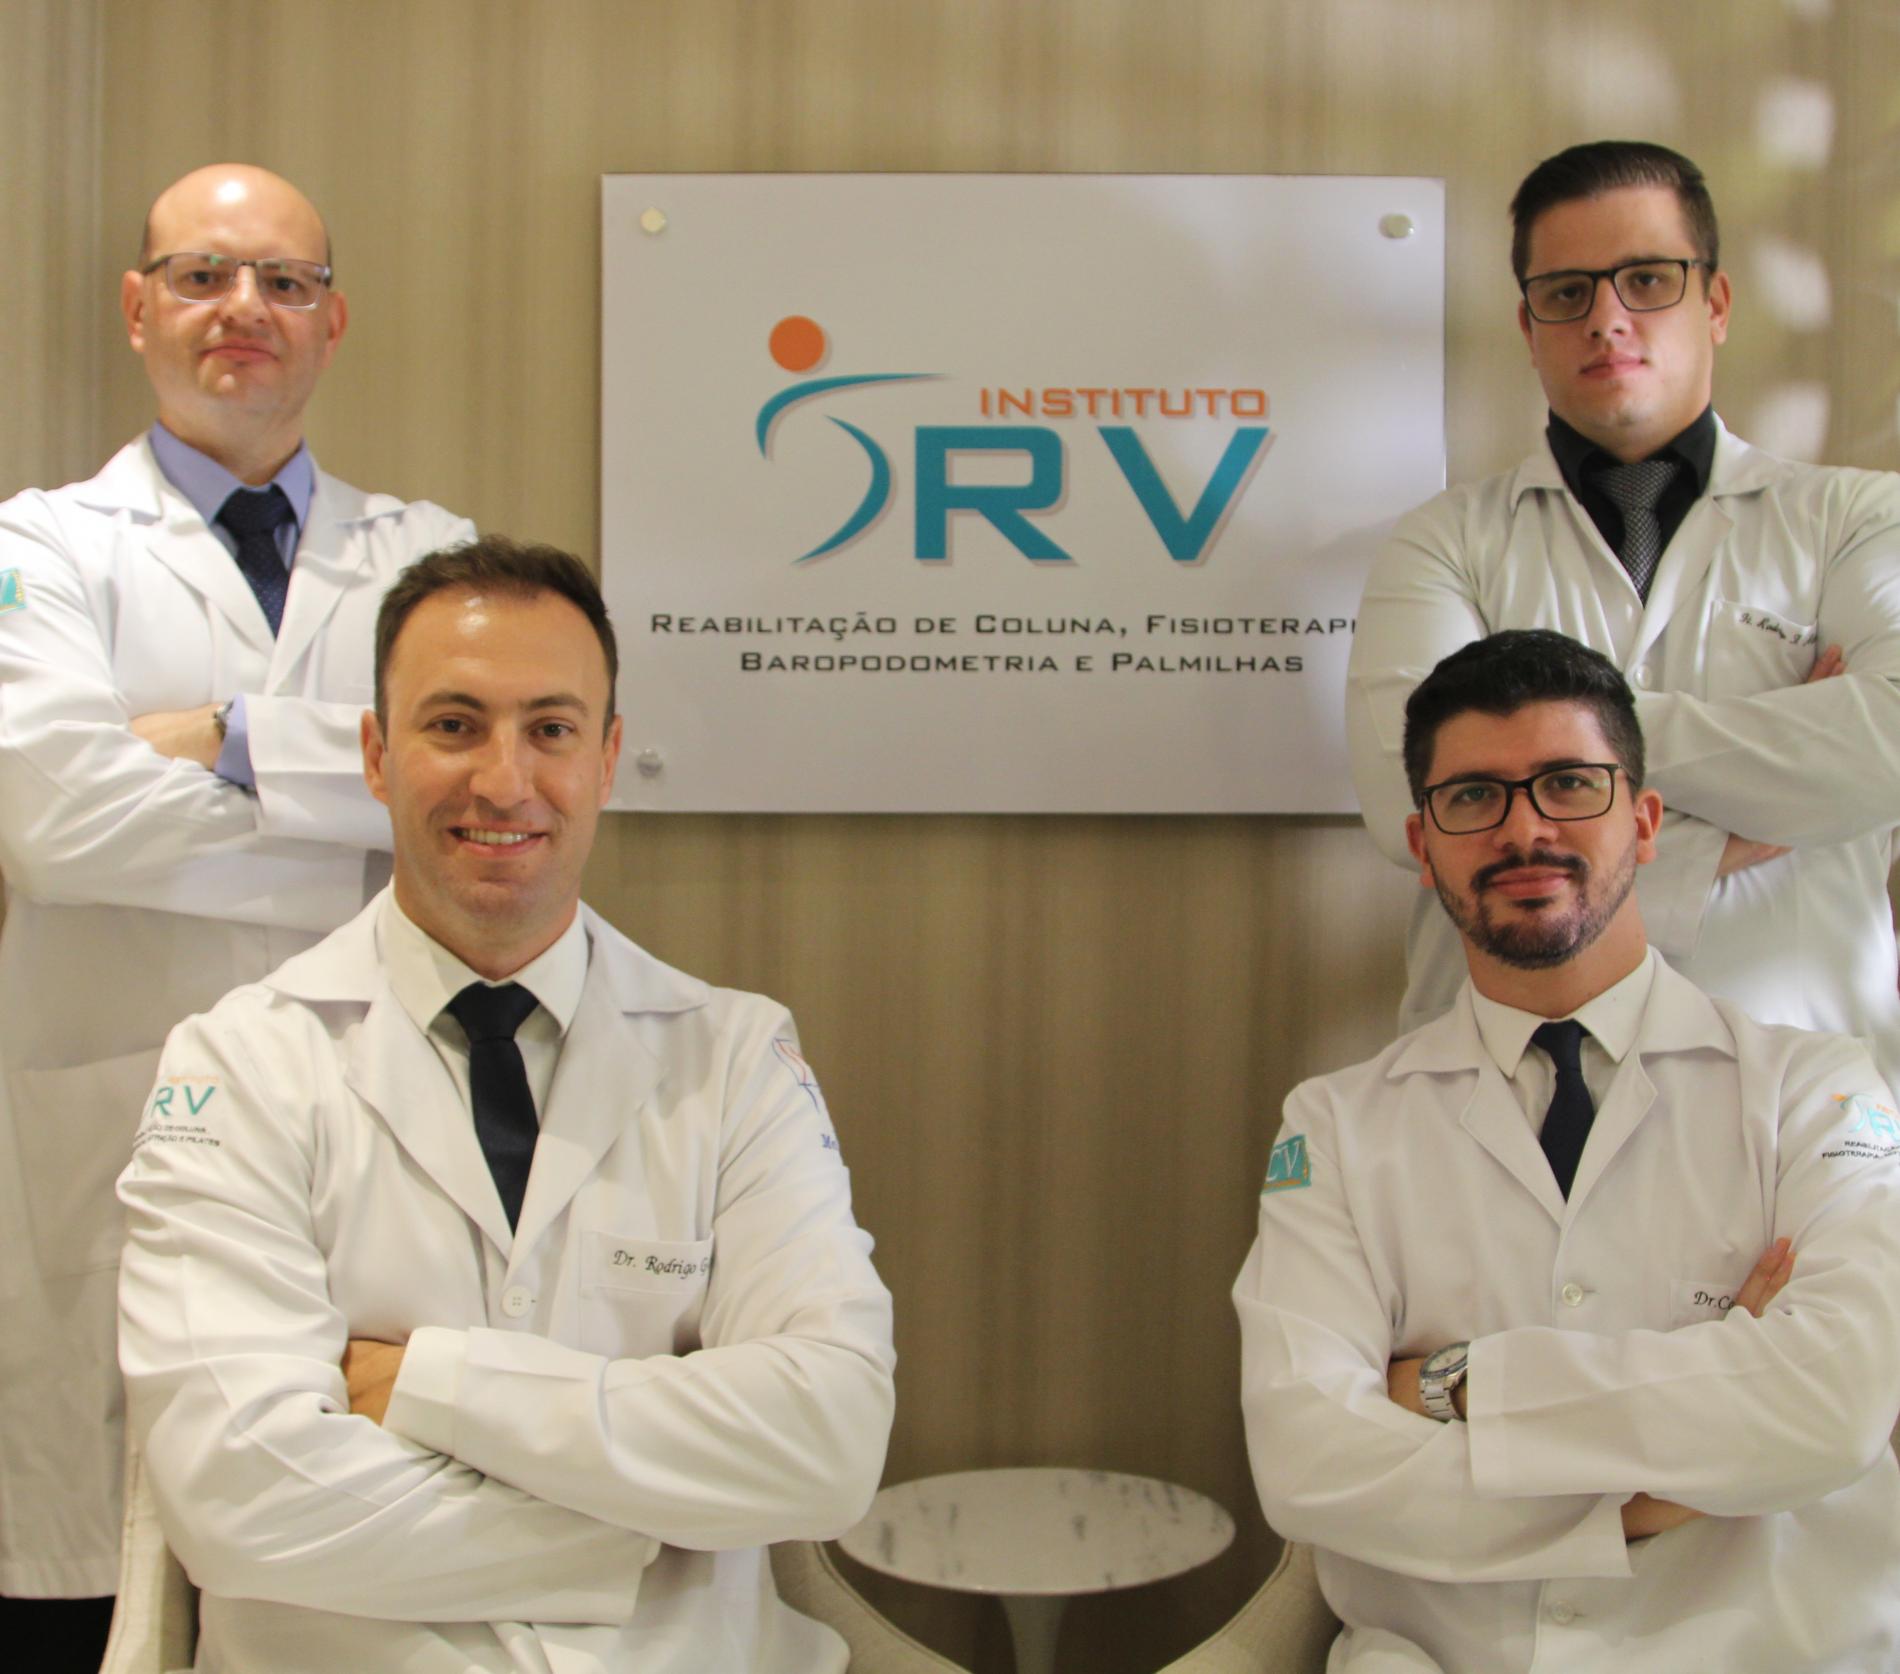 Equipe Instituto RV